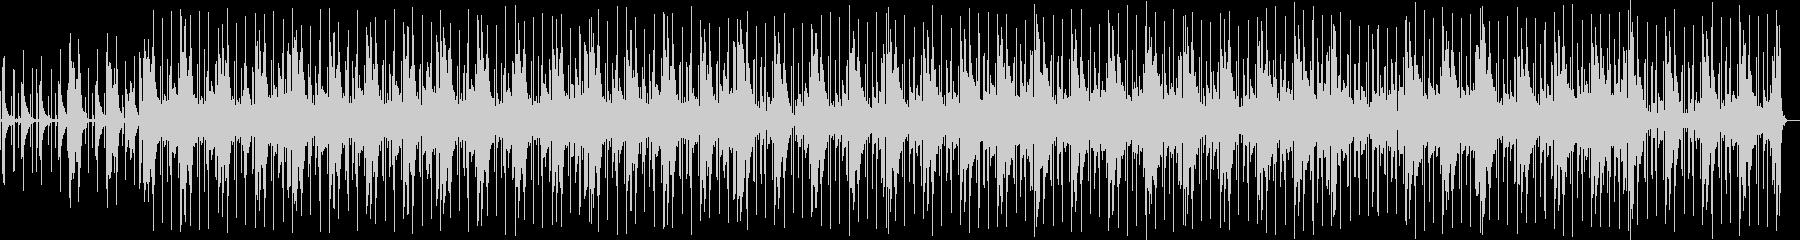 有機的でゆったりとしたピアノヒップホップの未再生の波形